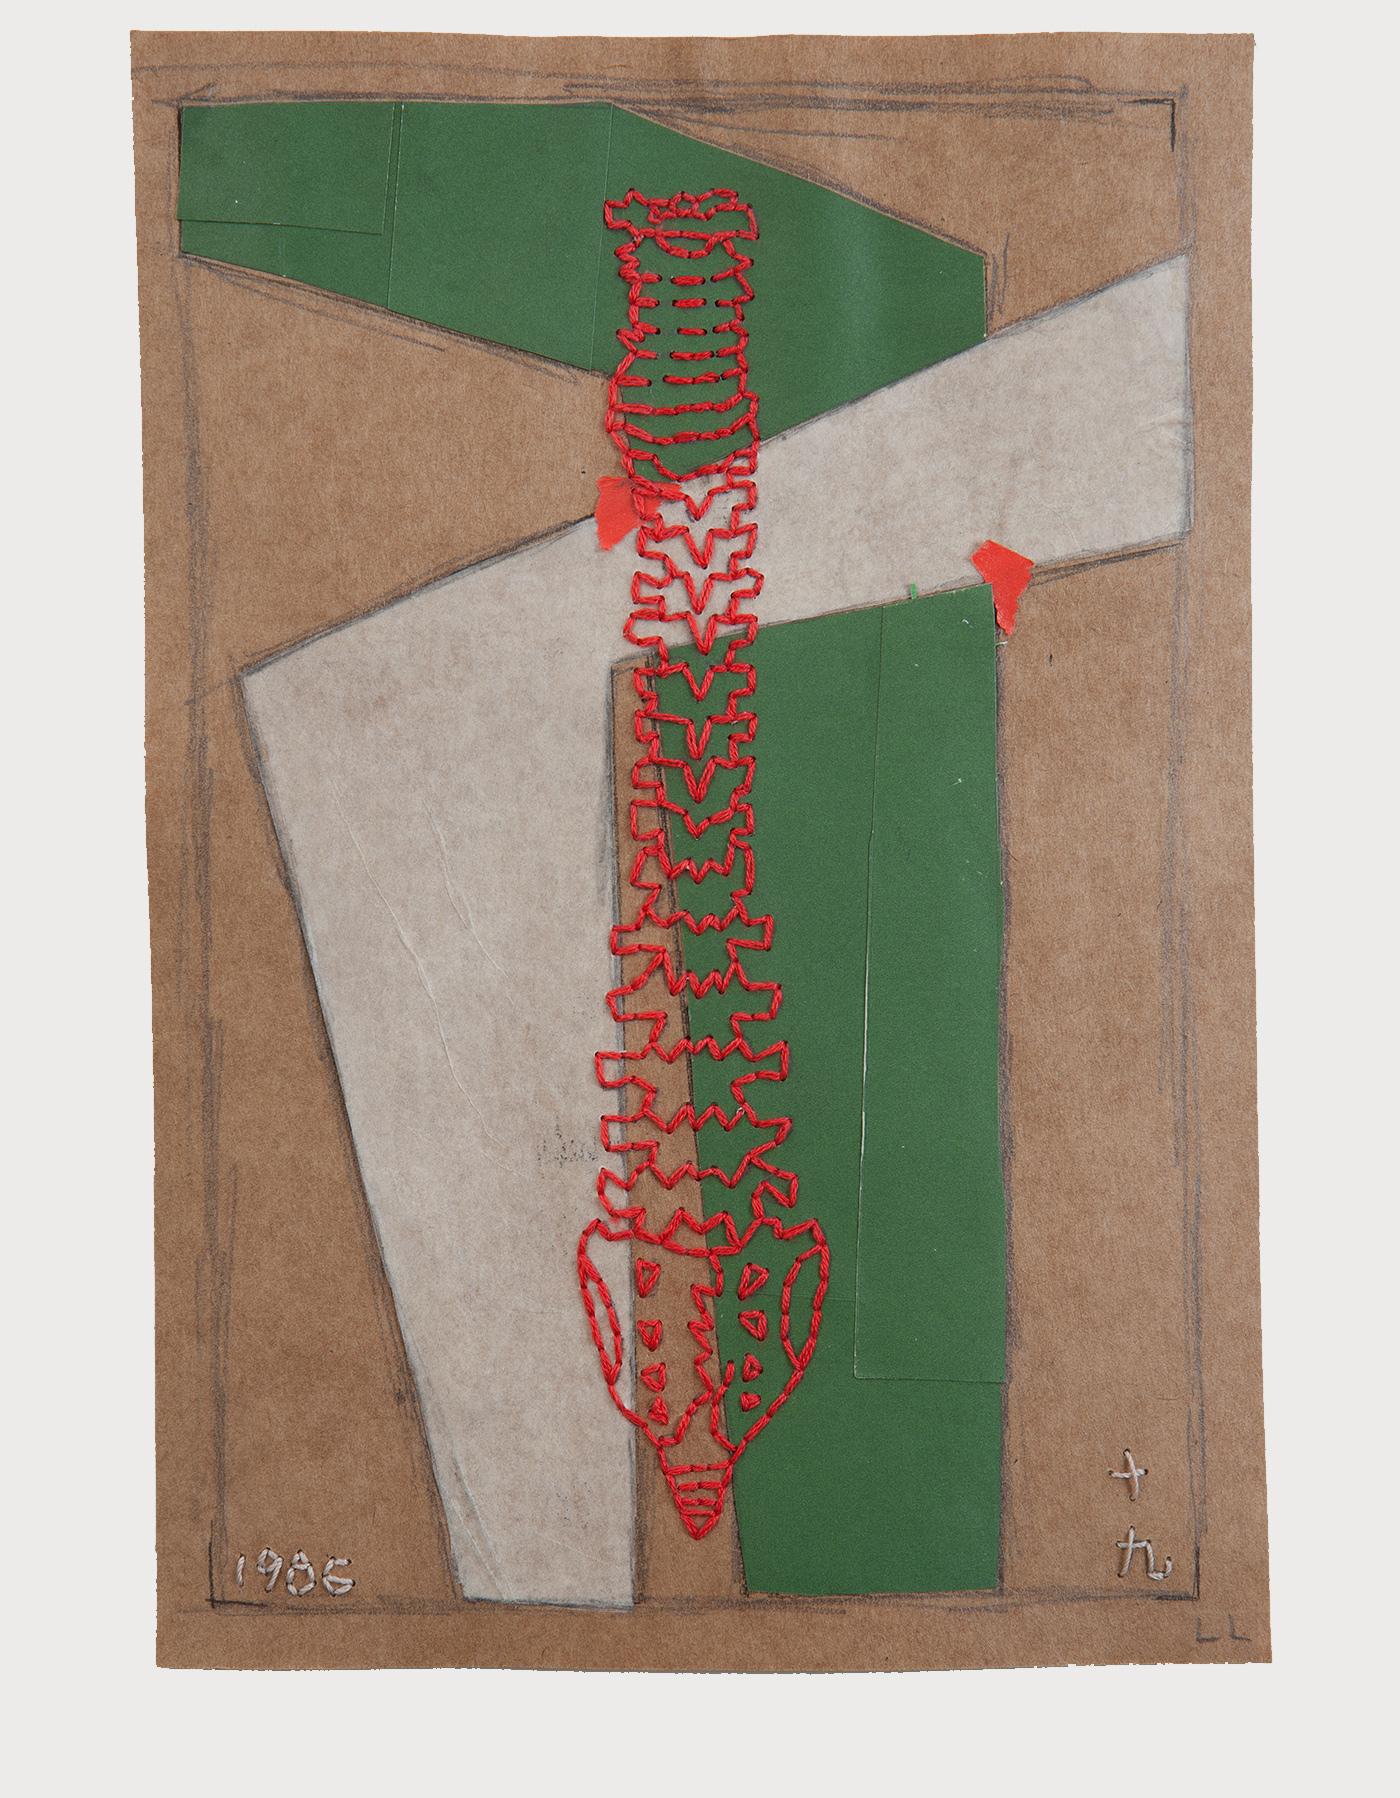 कलाकार लुसी लियू द्वारा हरे और सफेद कागज के टुकड़े के साथ बनाई गई कलाकृति